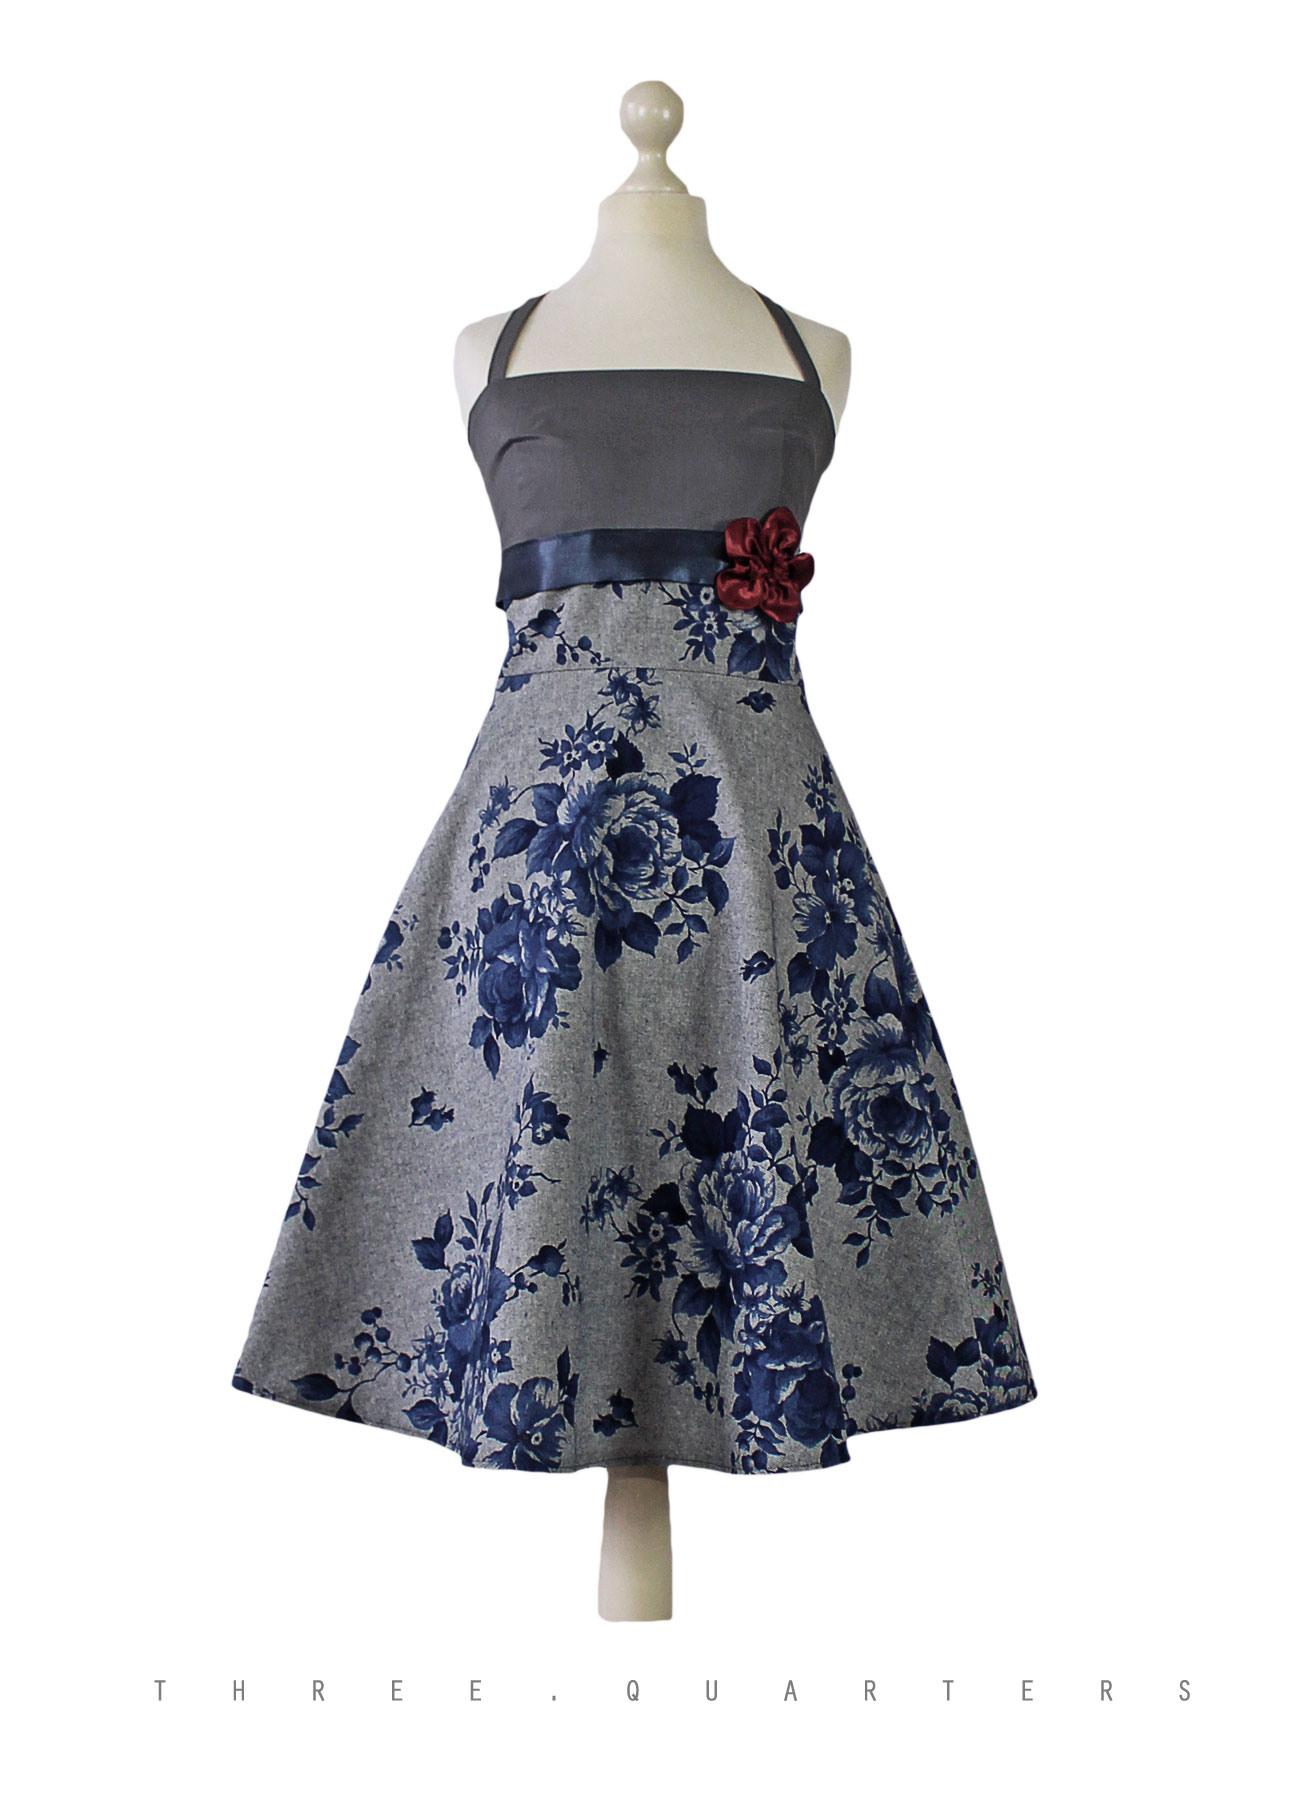 Three-Quarters - Kleid, Rosen, Hochzeit, Sommerkleid, Blumen